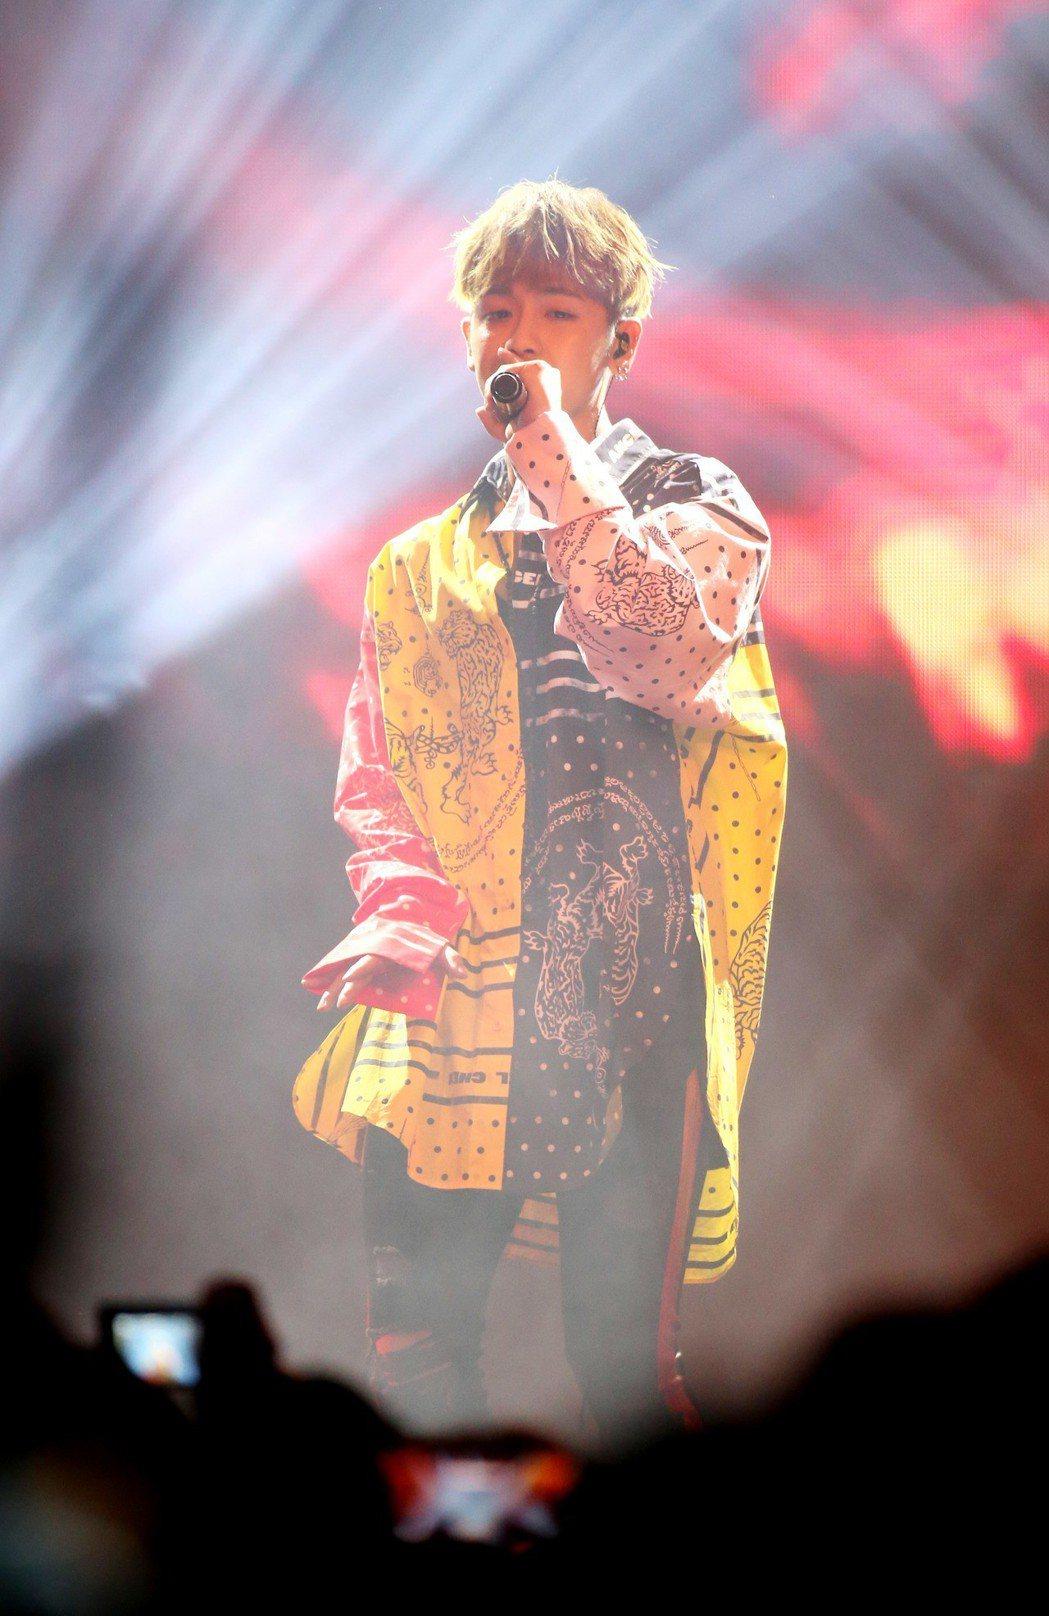 鼓鼓舉辦演唱會與歌迷同樂。記者陳瑞源/攝影